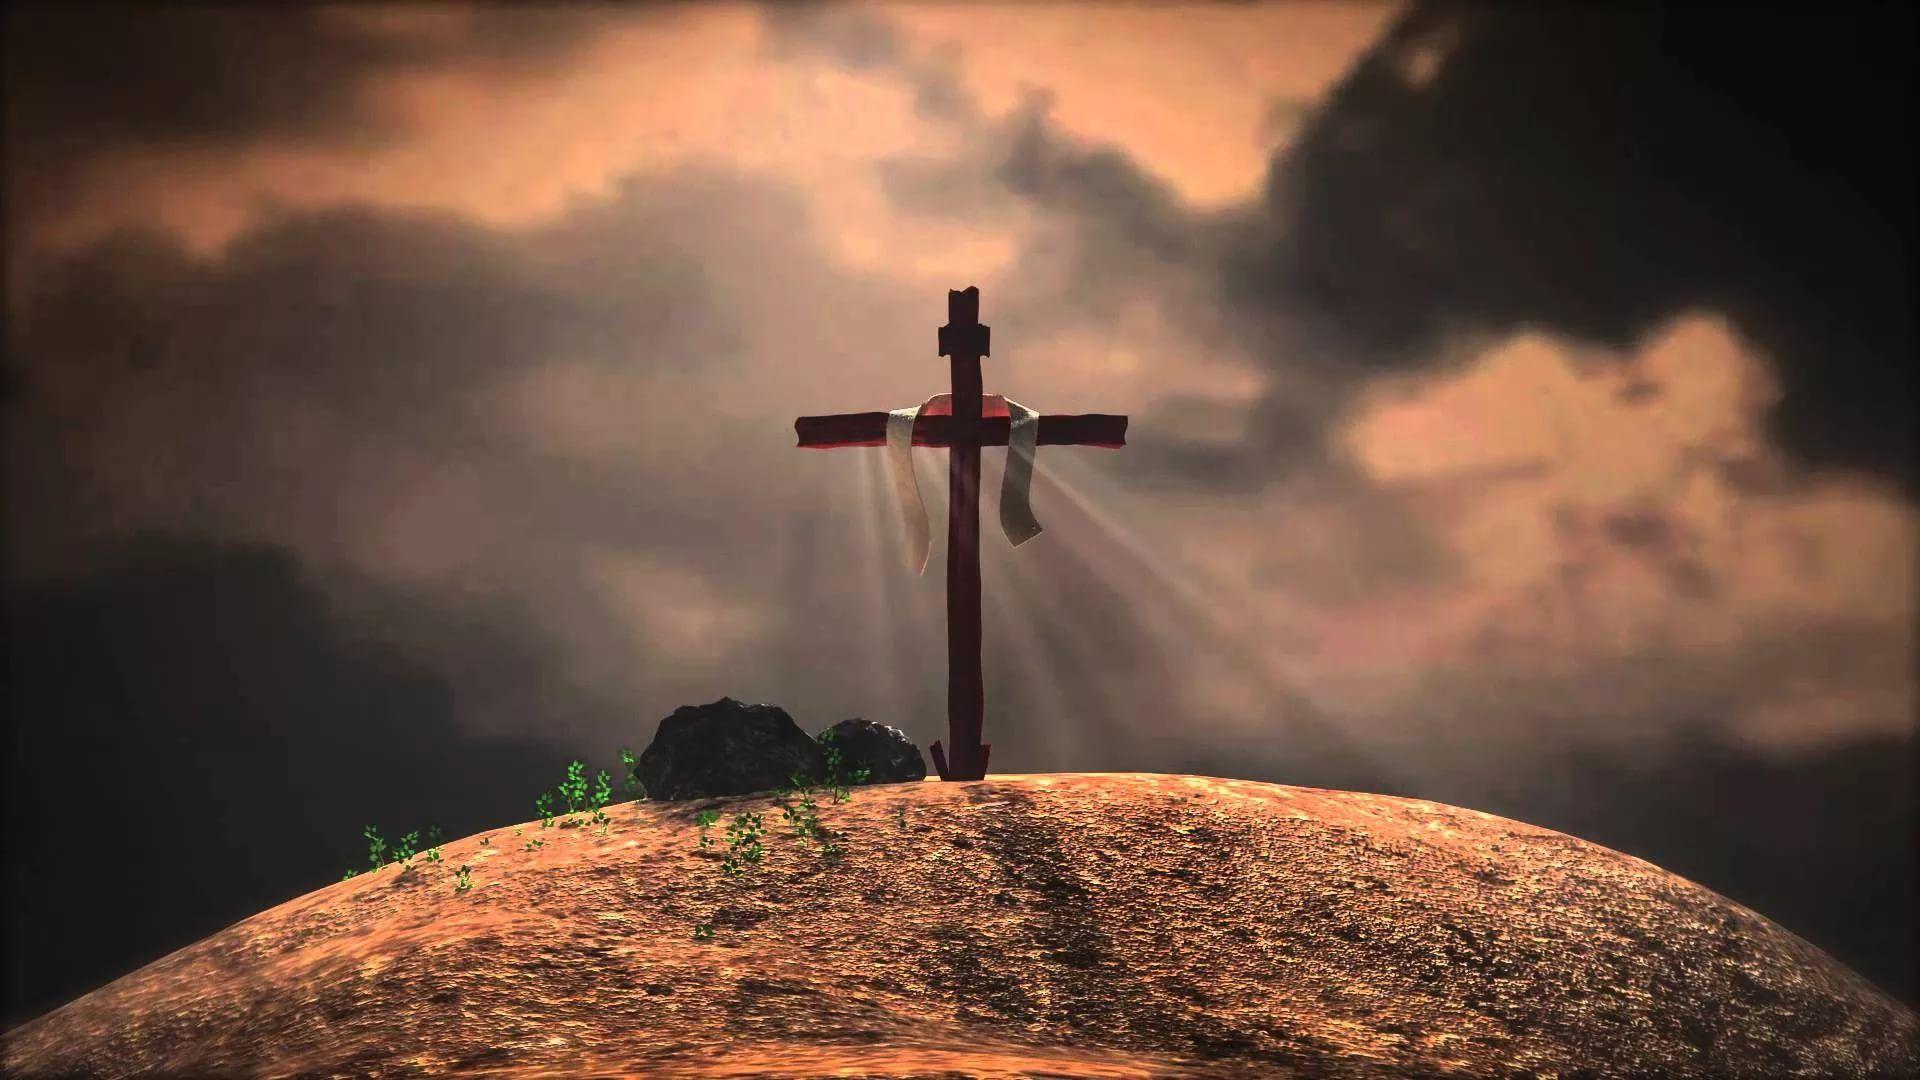 Jesus Cross download wallpaper image